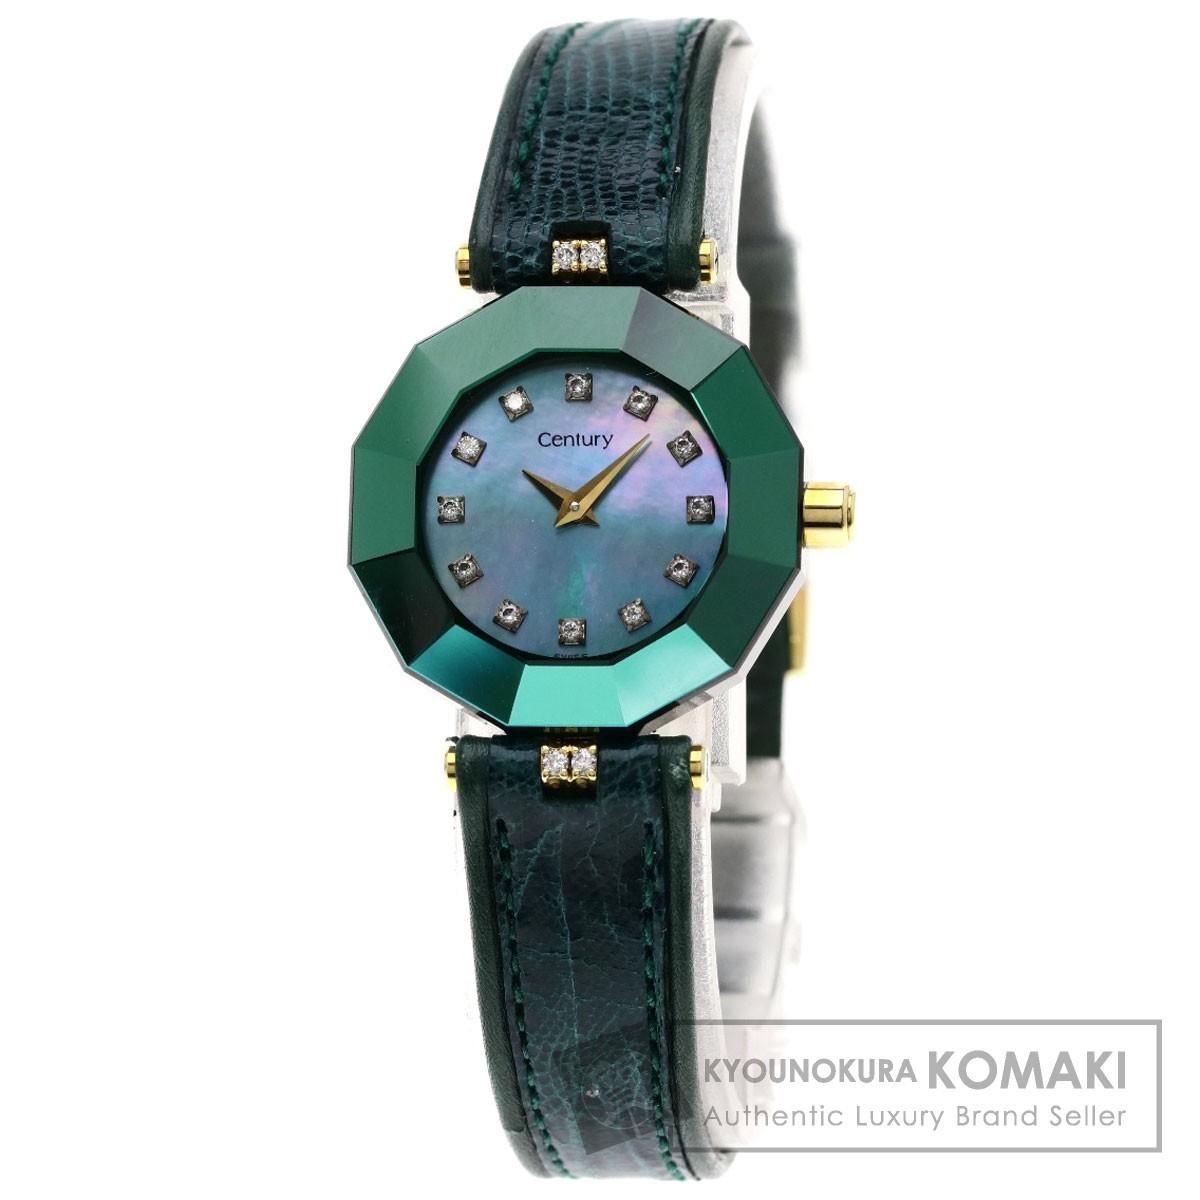 センチュリー プライムタイム 12Pダイヤモンド 腕時計 K18イエローゴールド/革 レディース 【中古】【CENTURY】